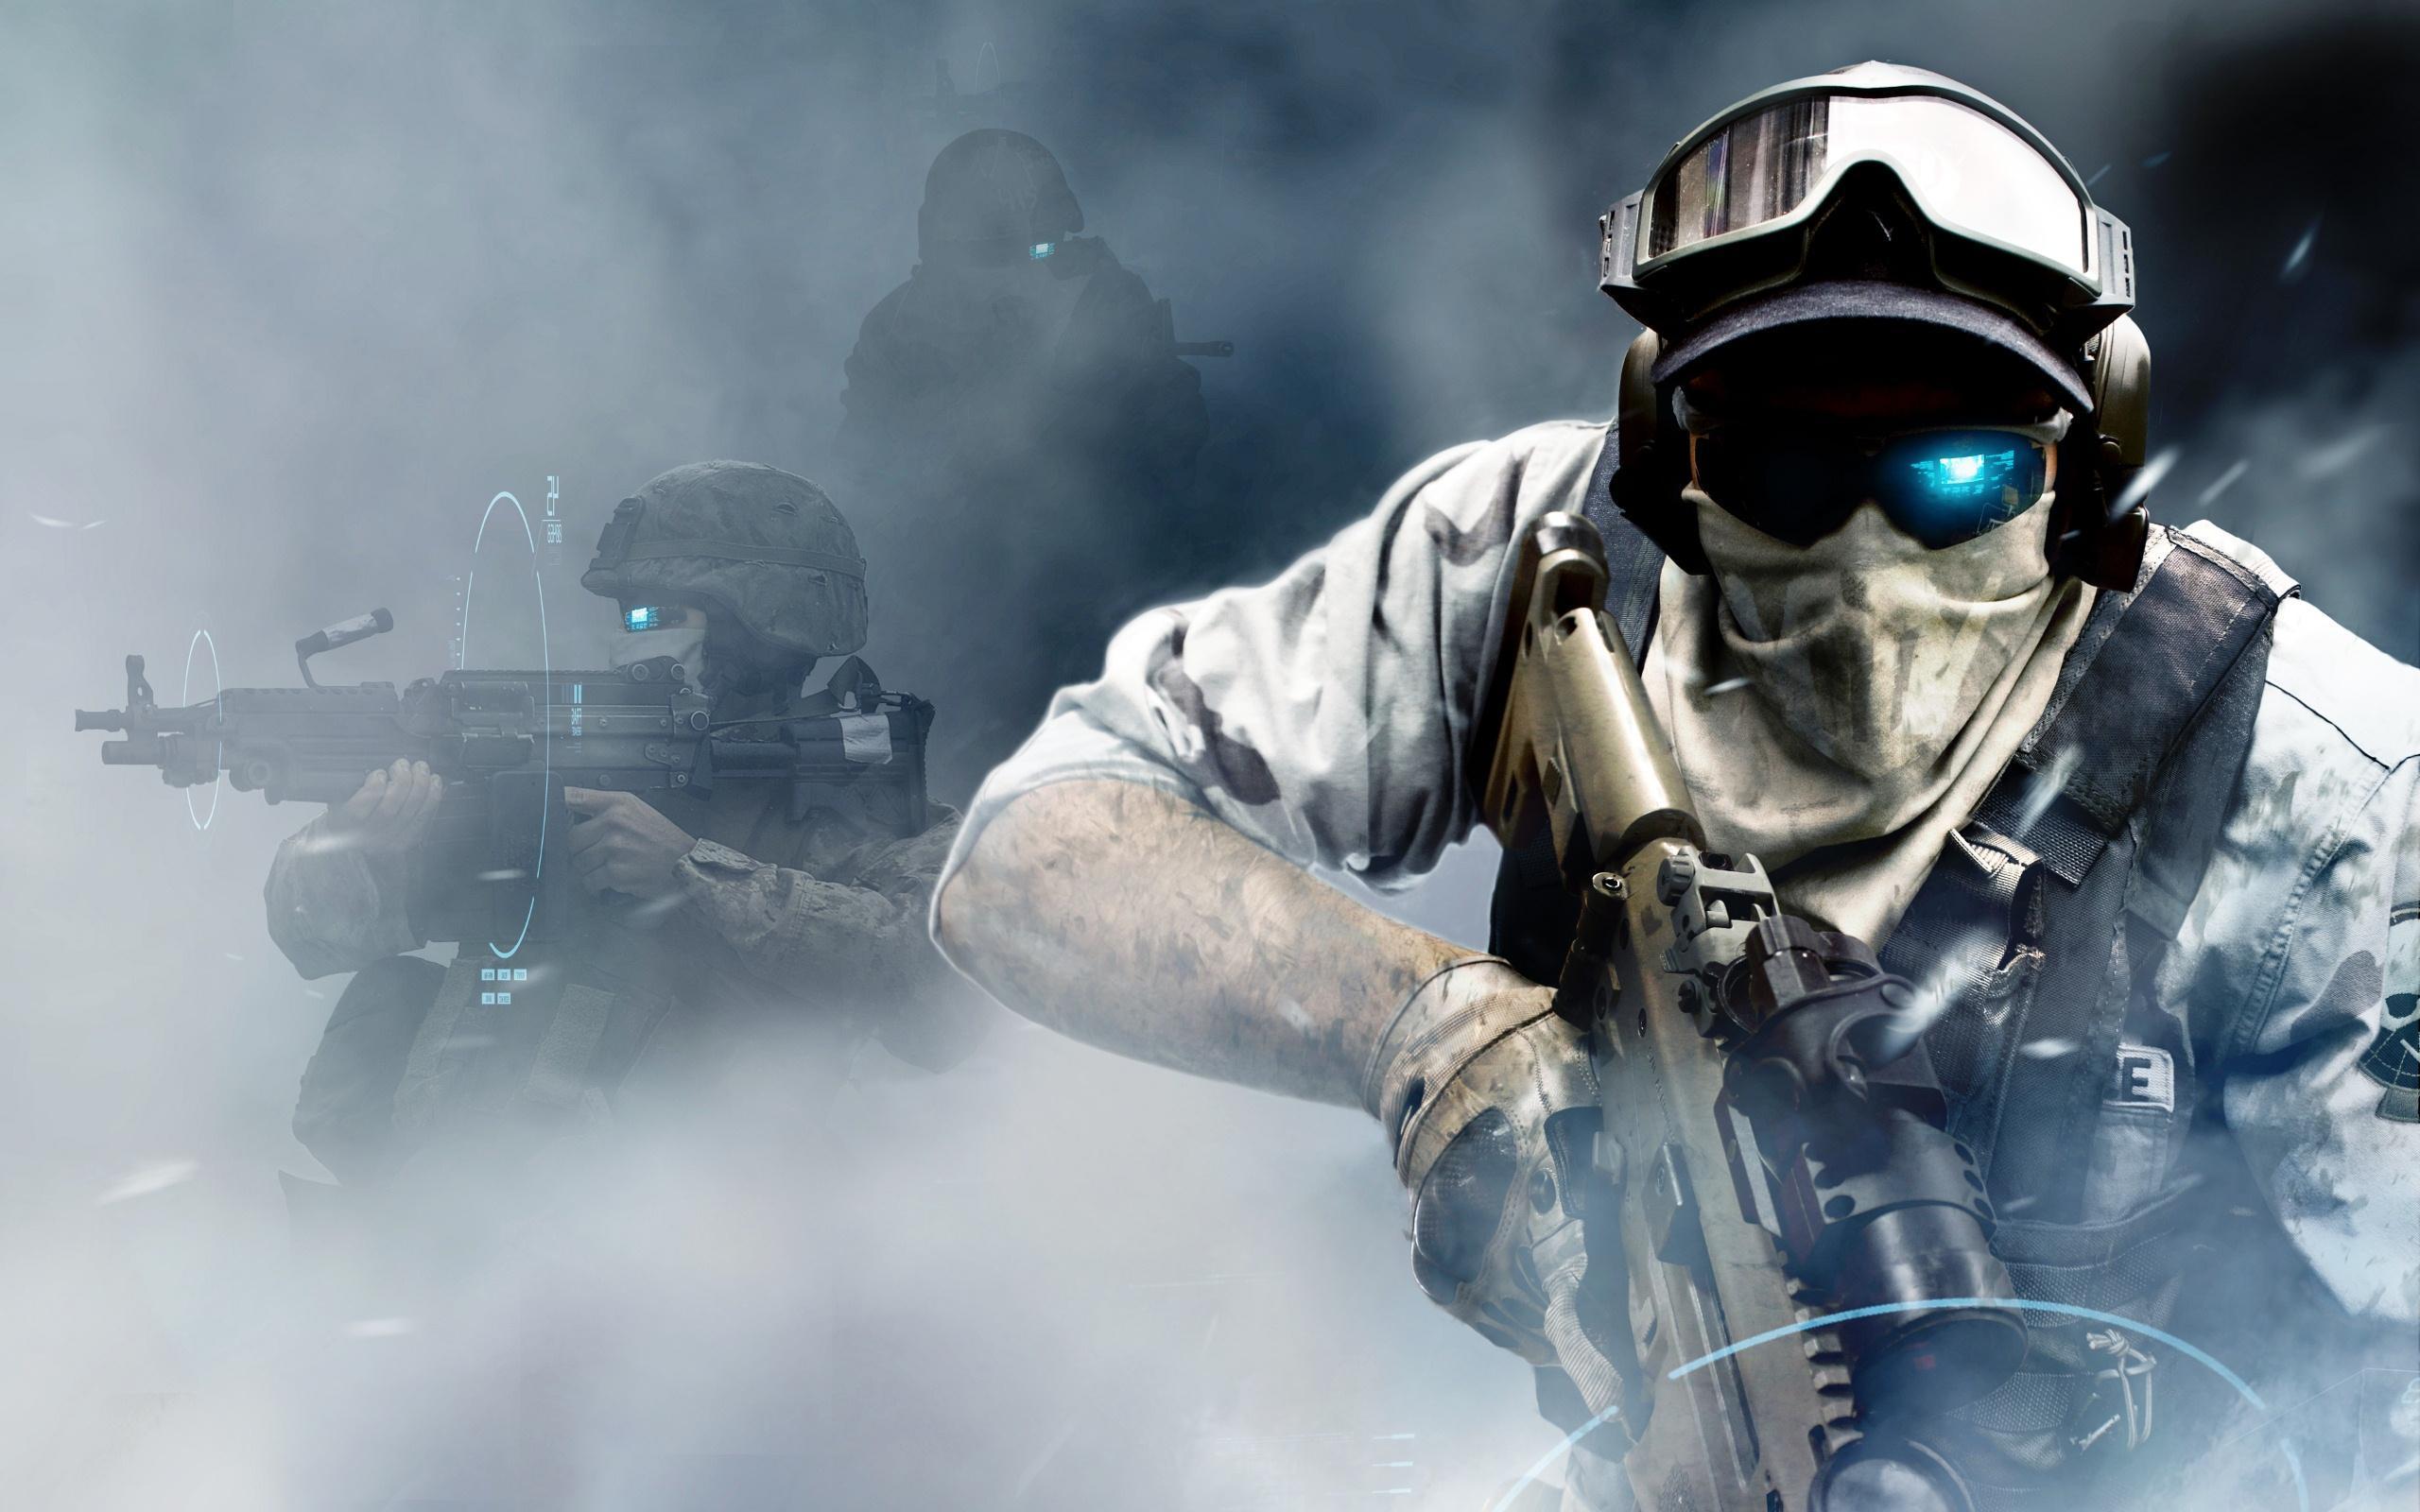 Ghost Recon Future Soldier Hd Wallpaper Ghost Recon Futuro Juego De Soldado Hd Fondo De Escritorio